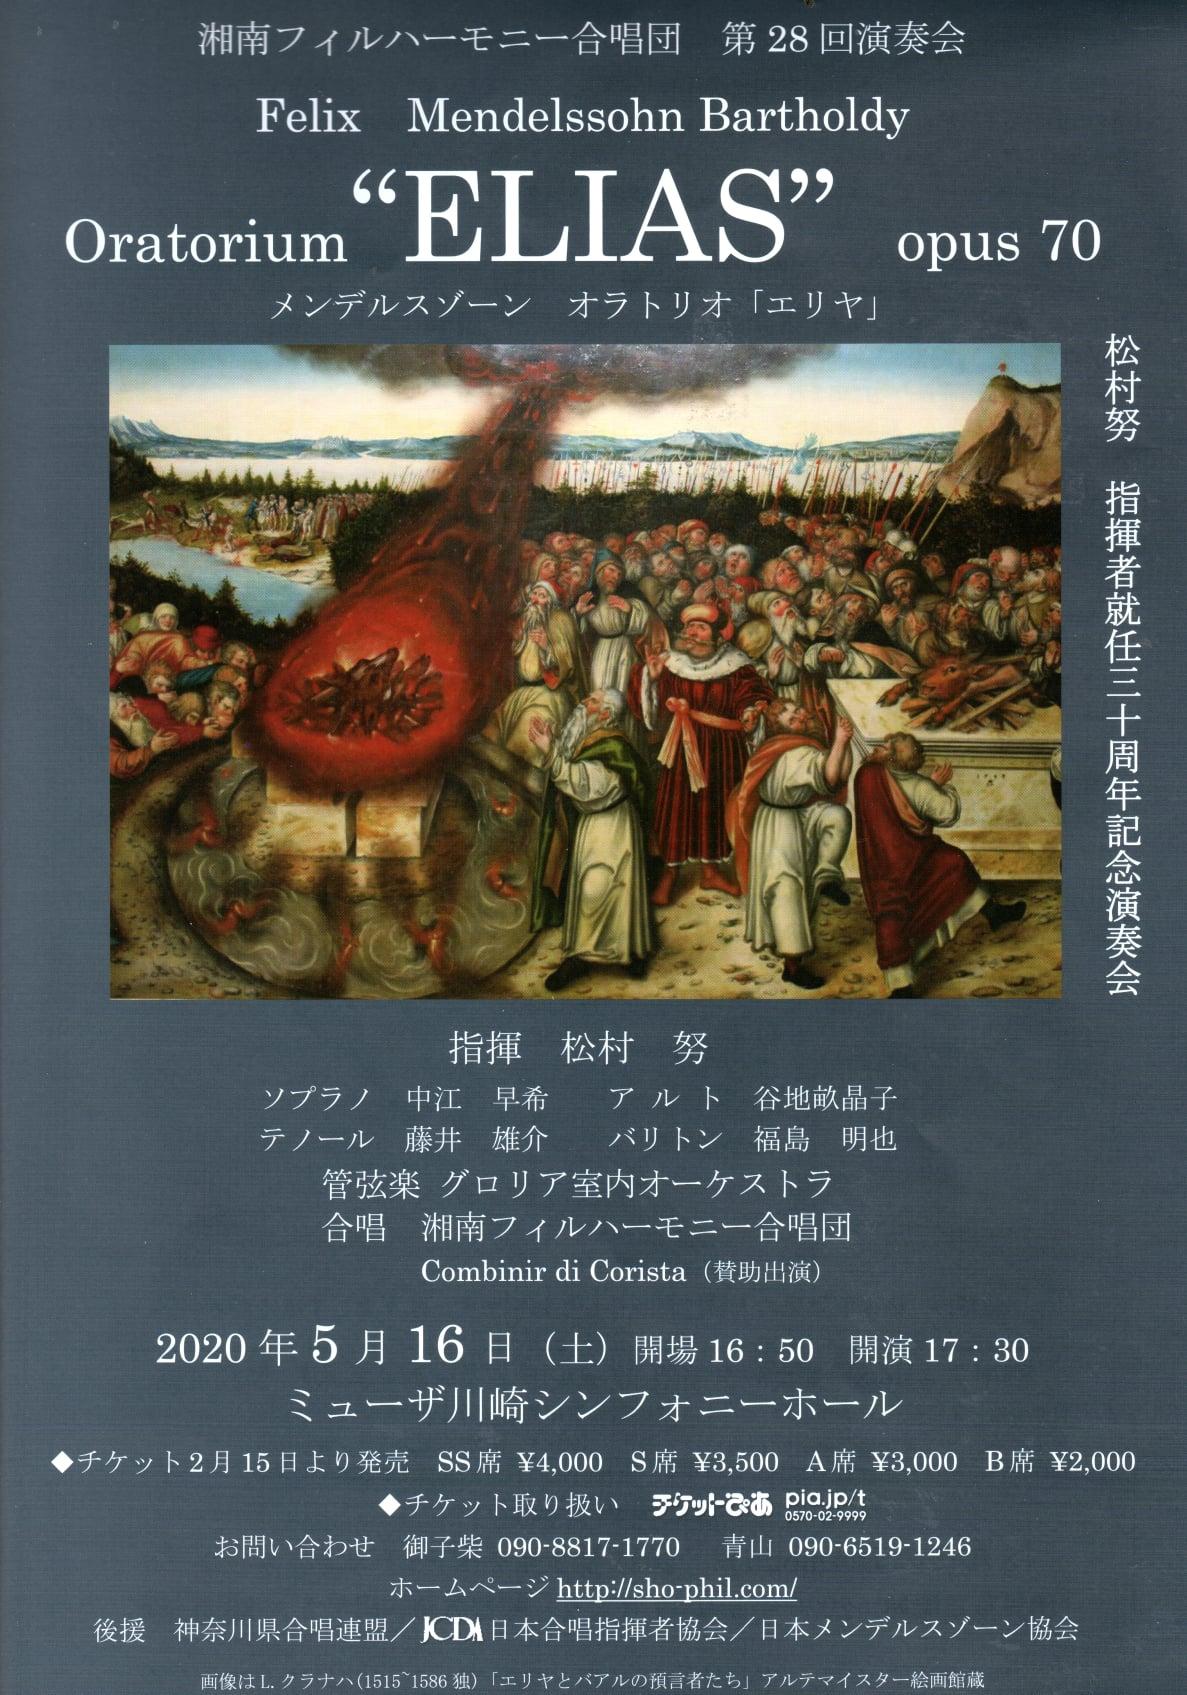 湘南フィルハーモニー合唱団 第28回演奏会(エリア)の出演情報を追加致しました。